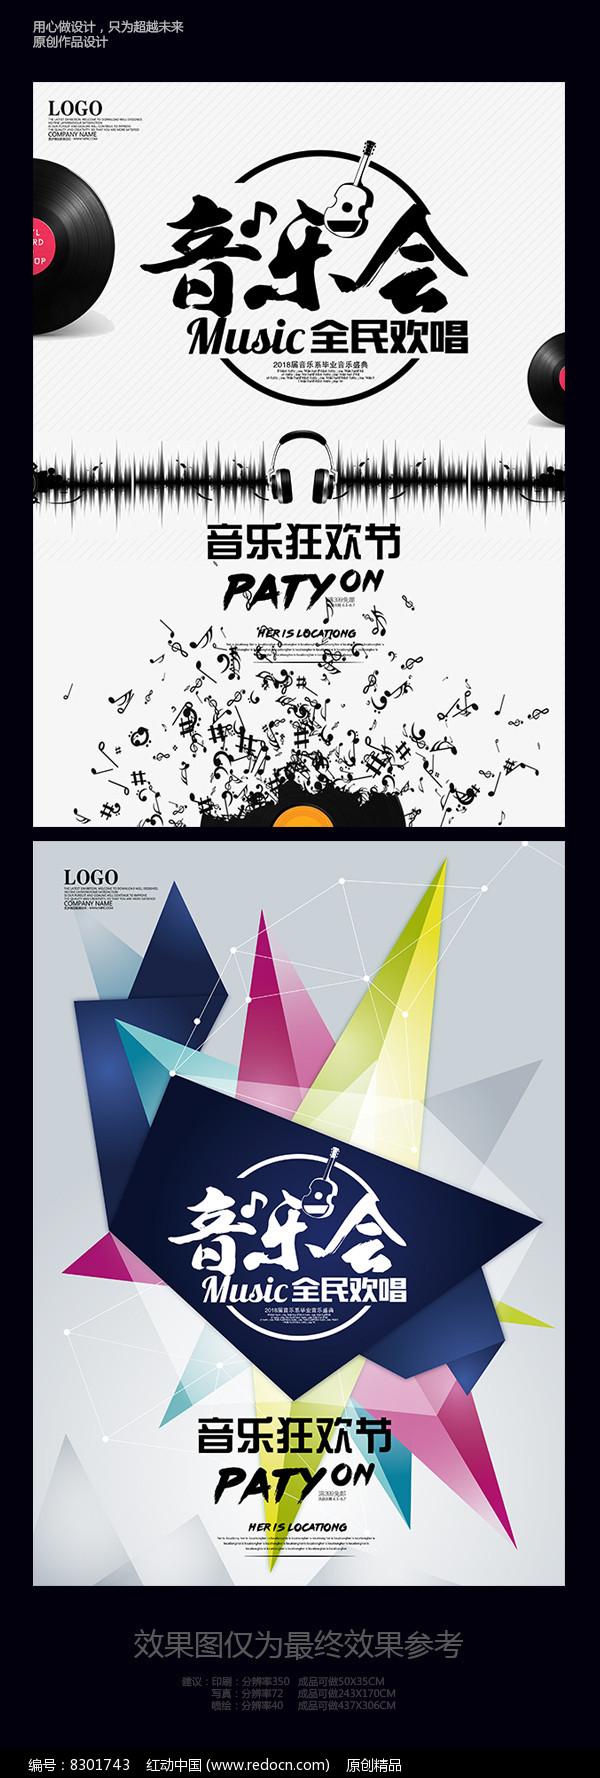 时尚音乐海报设计图片